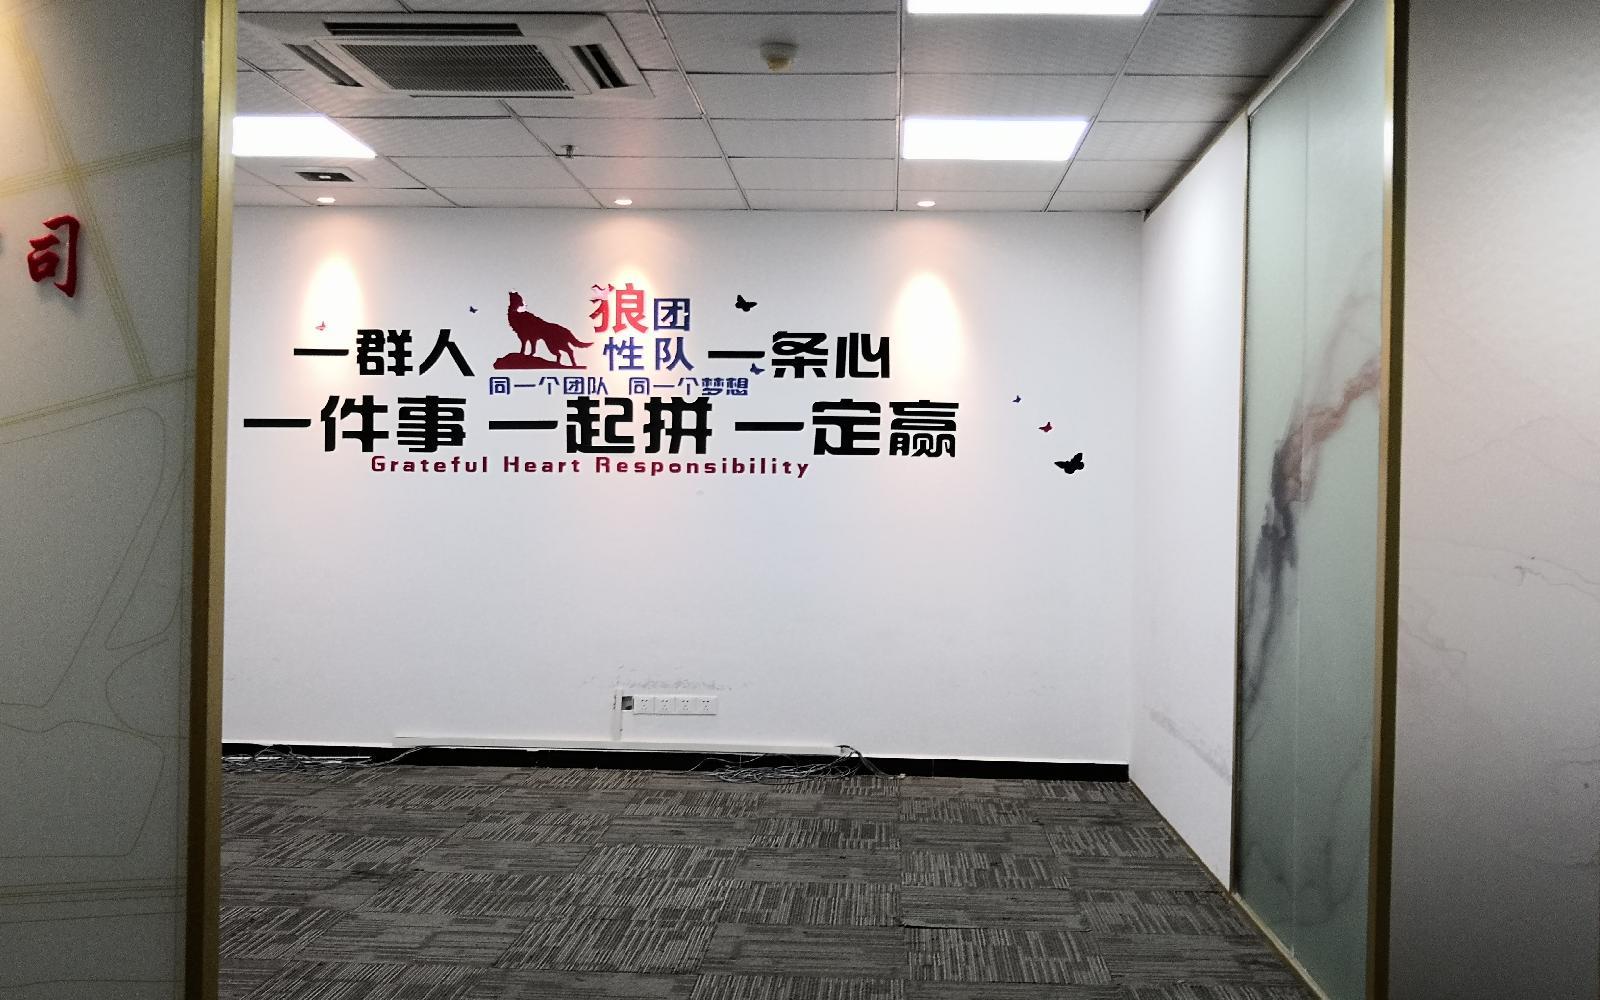 龙岗-龙岗中心城 花样年龙年广场 208m²